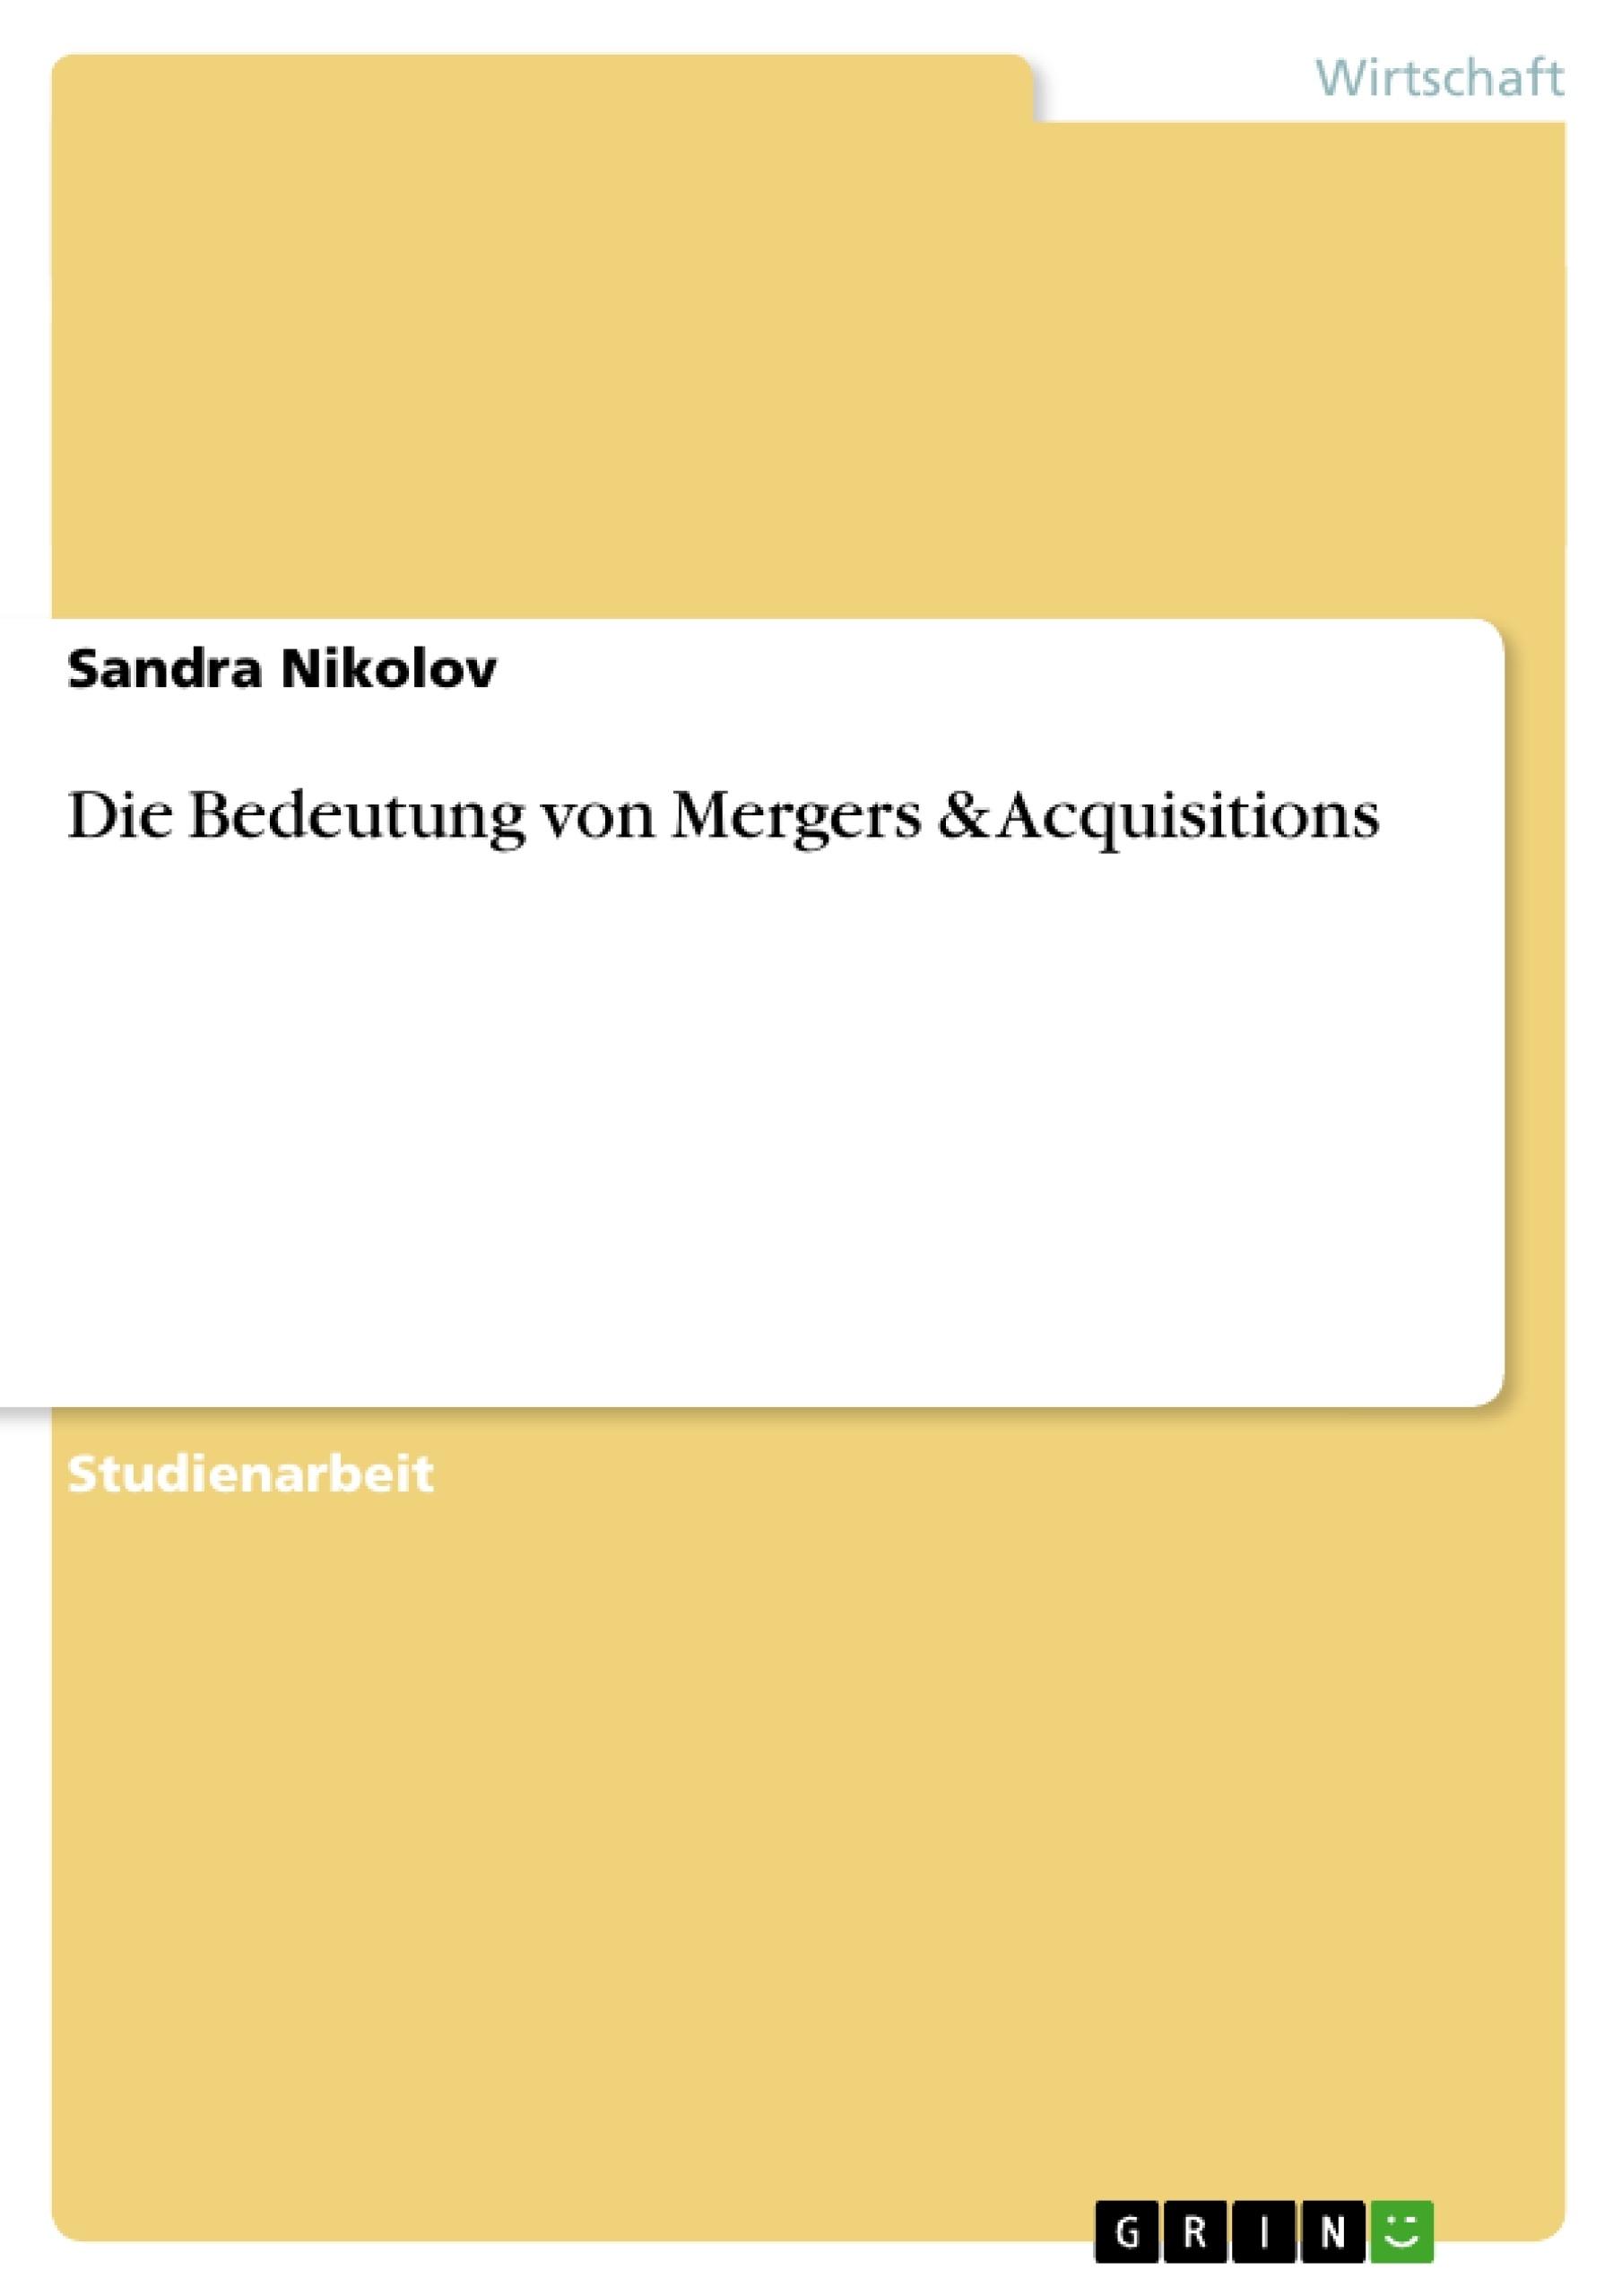 Titel: Die Bedeutung von Mergers & Acquisitions